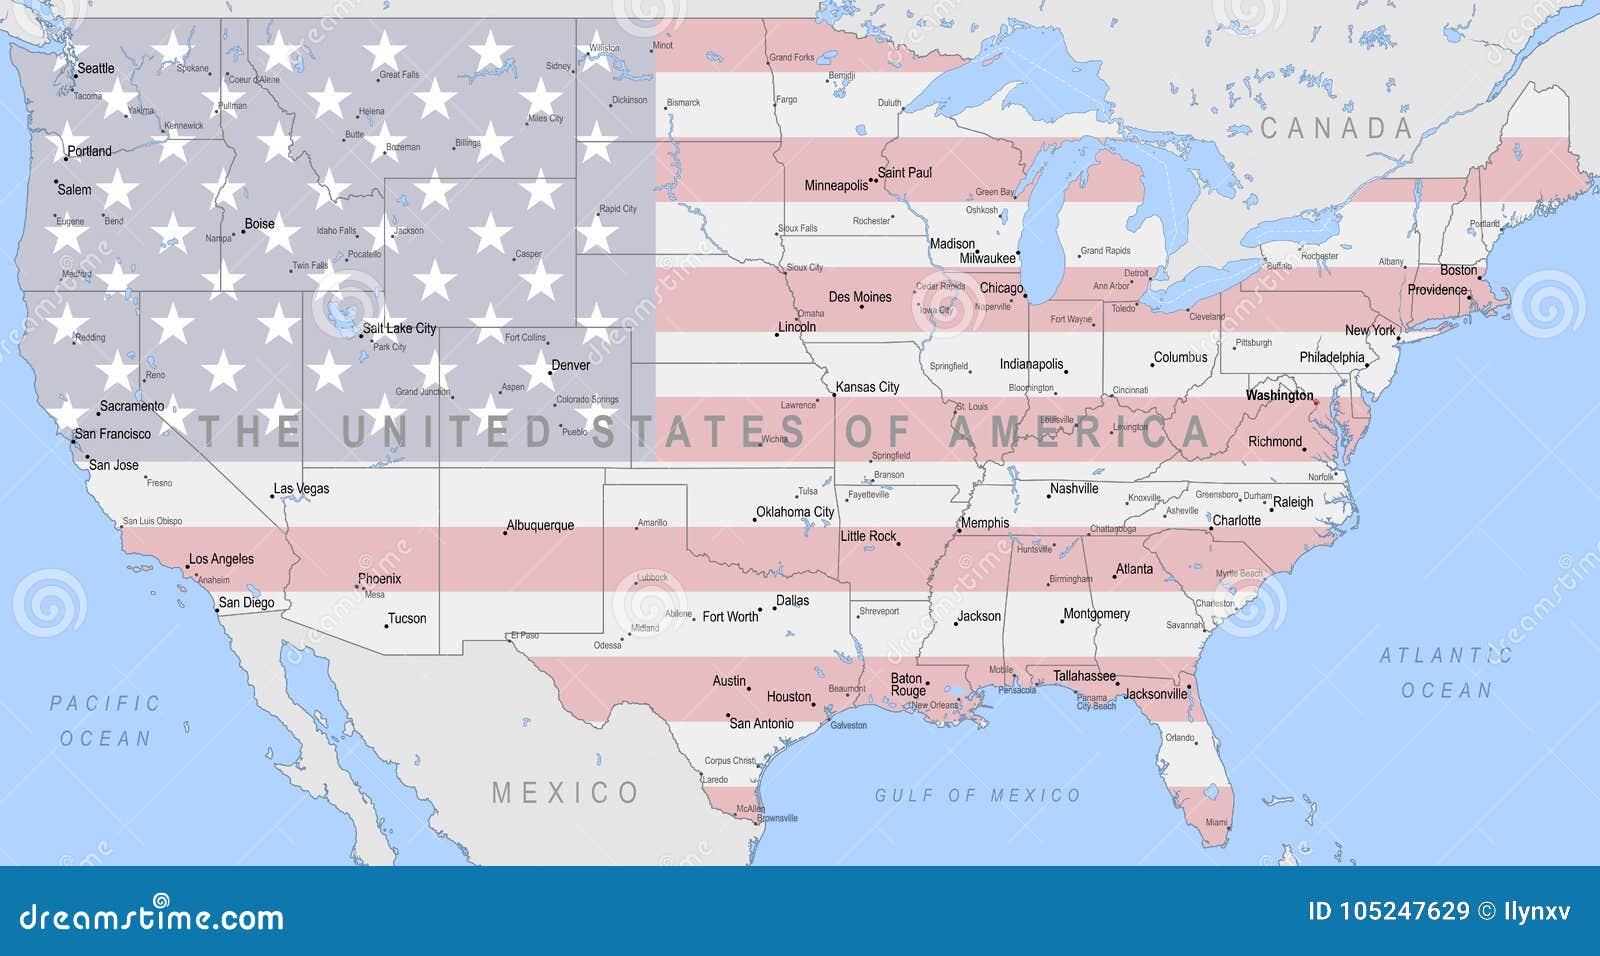 Cartina Stati Uniti D America Politica.Programma Politico Degli Stati Uniti D America Illustrazione